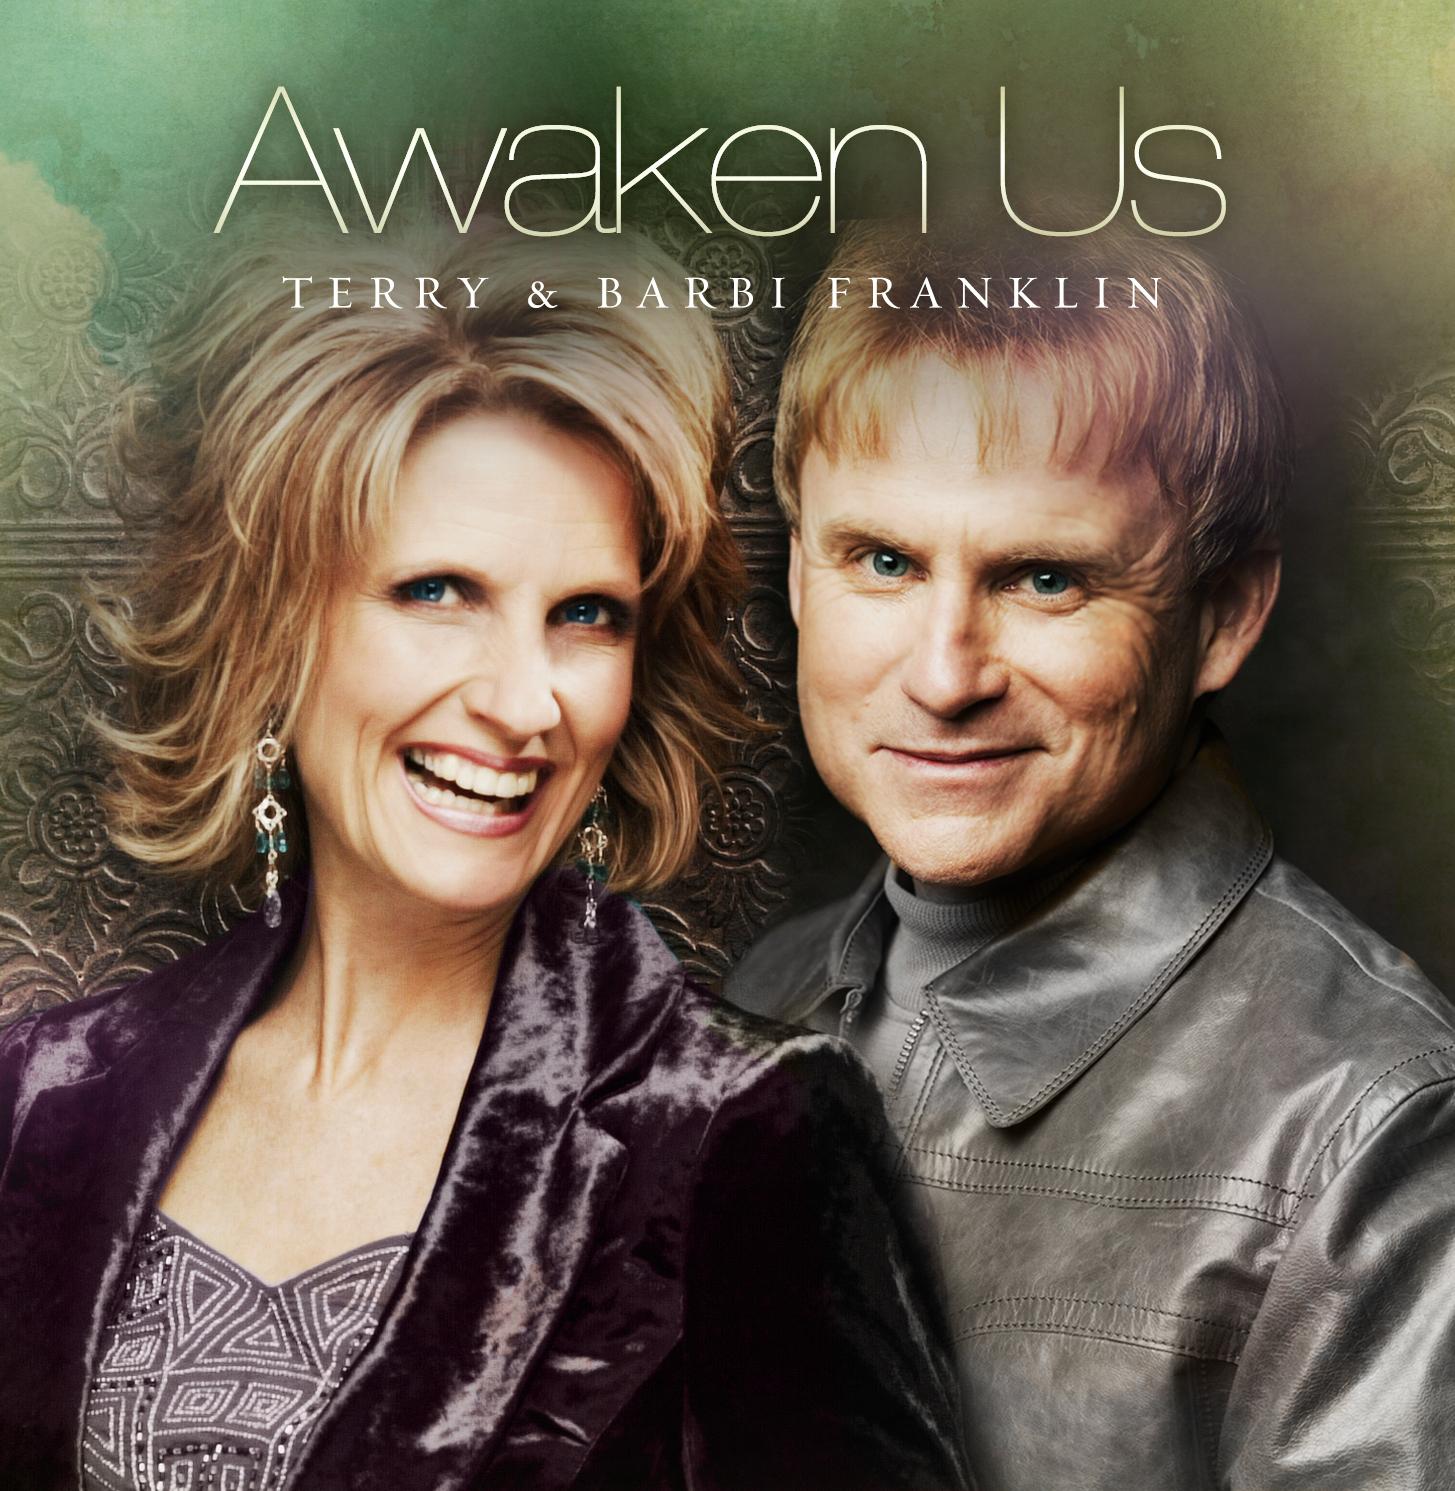 Awaken Us